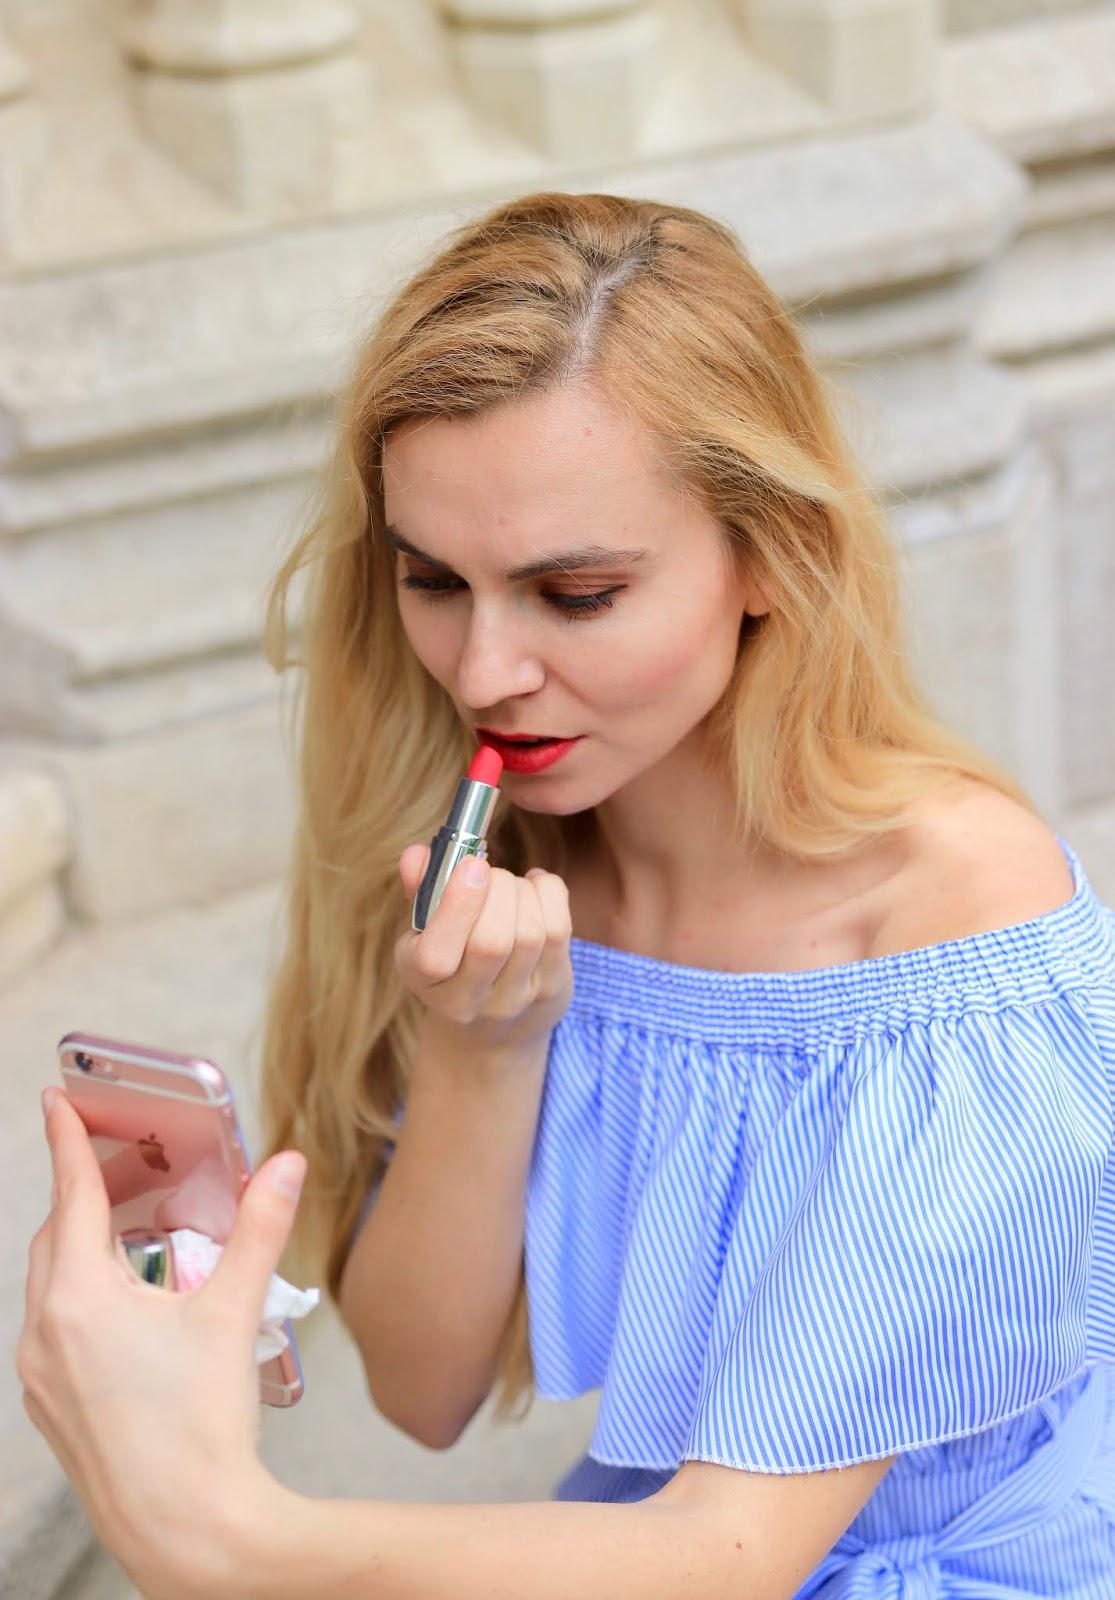 najlepsia slovenska beauty blogerka